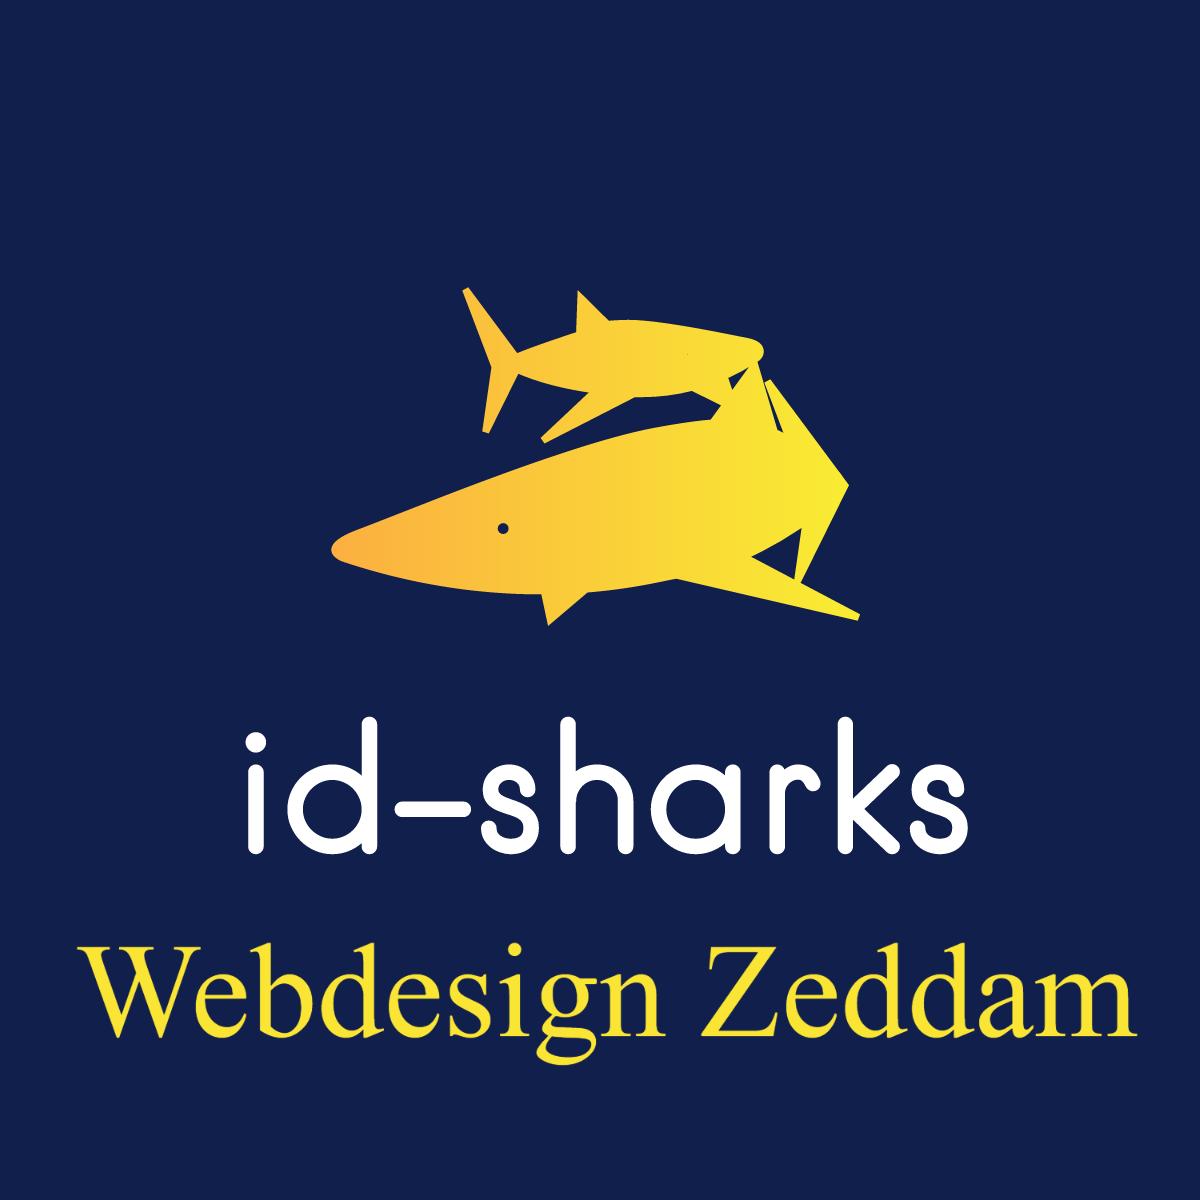 Webdesign Zeddam